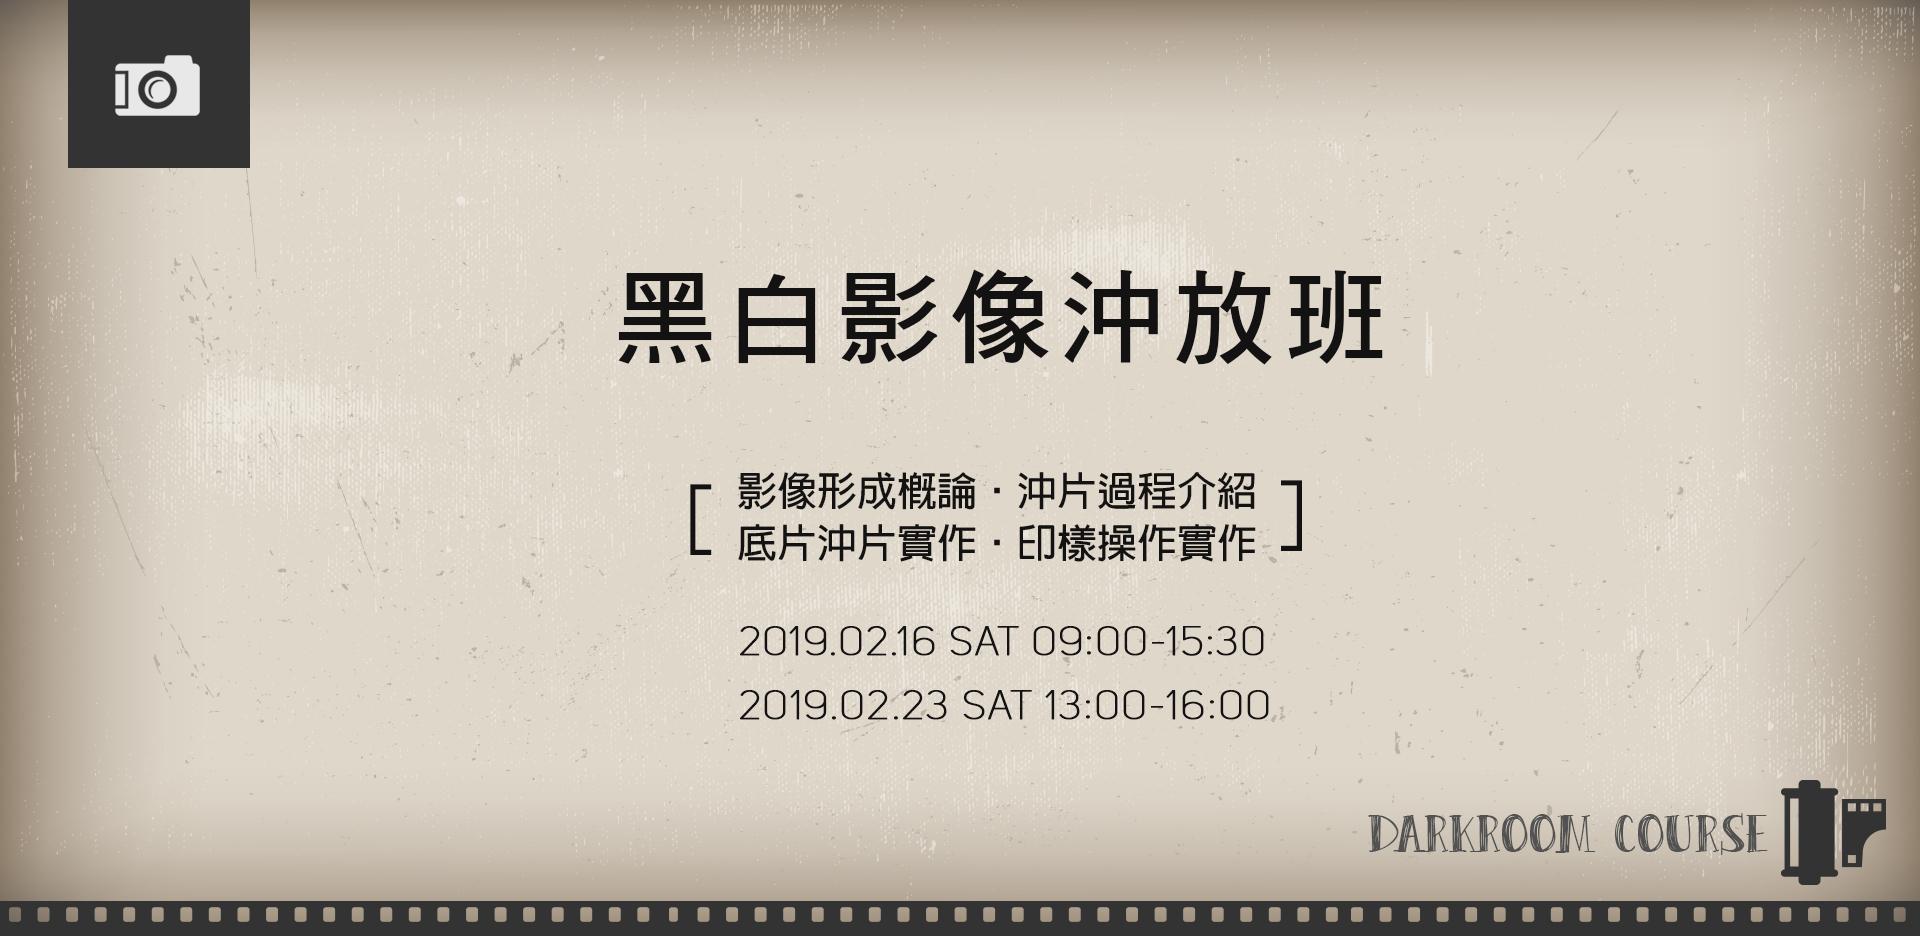 宣傳banner.jpg